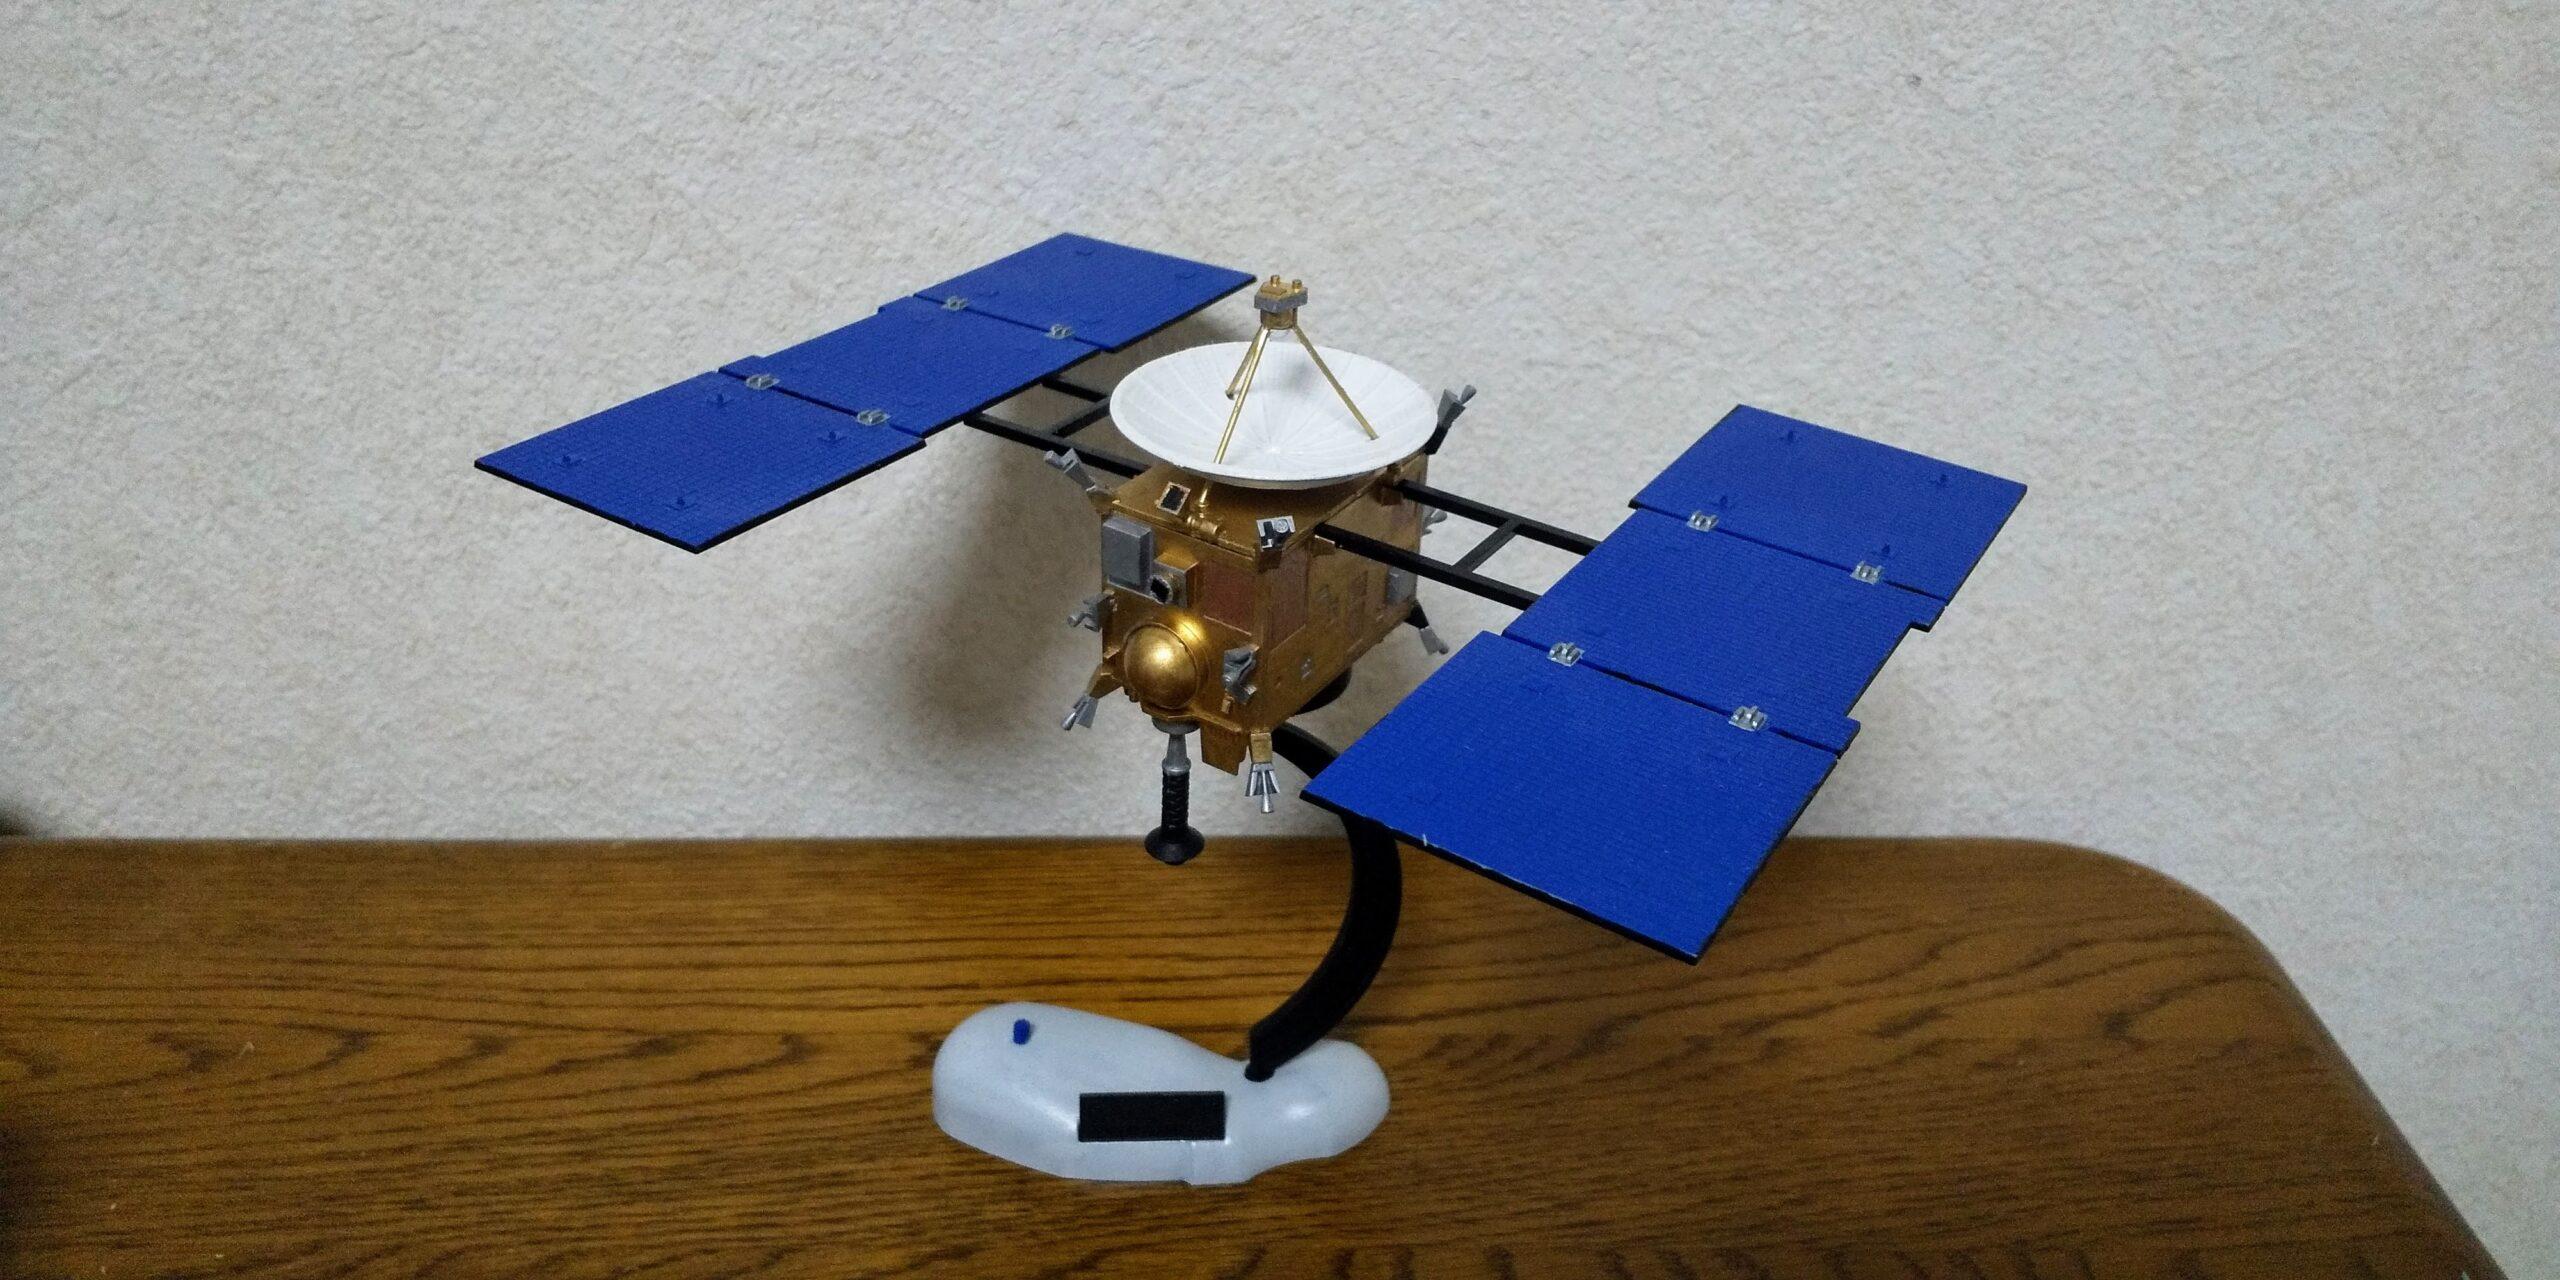 小惑星探査機はやぶさのプラモデル